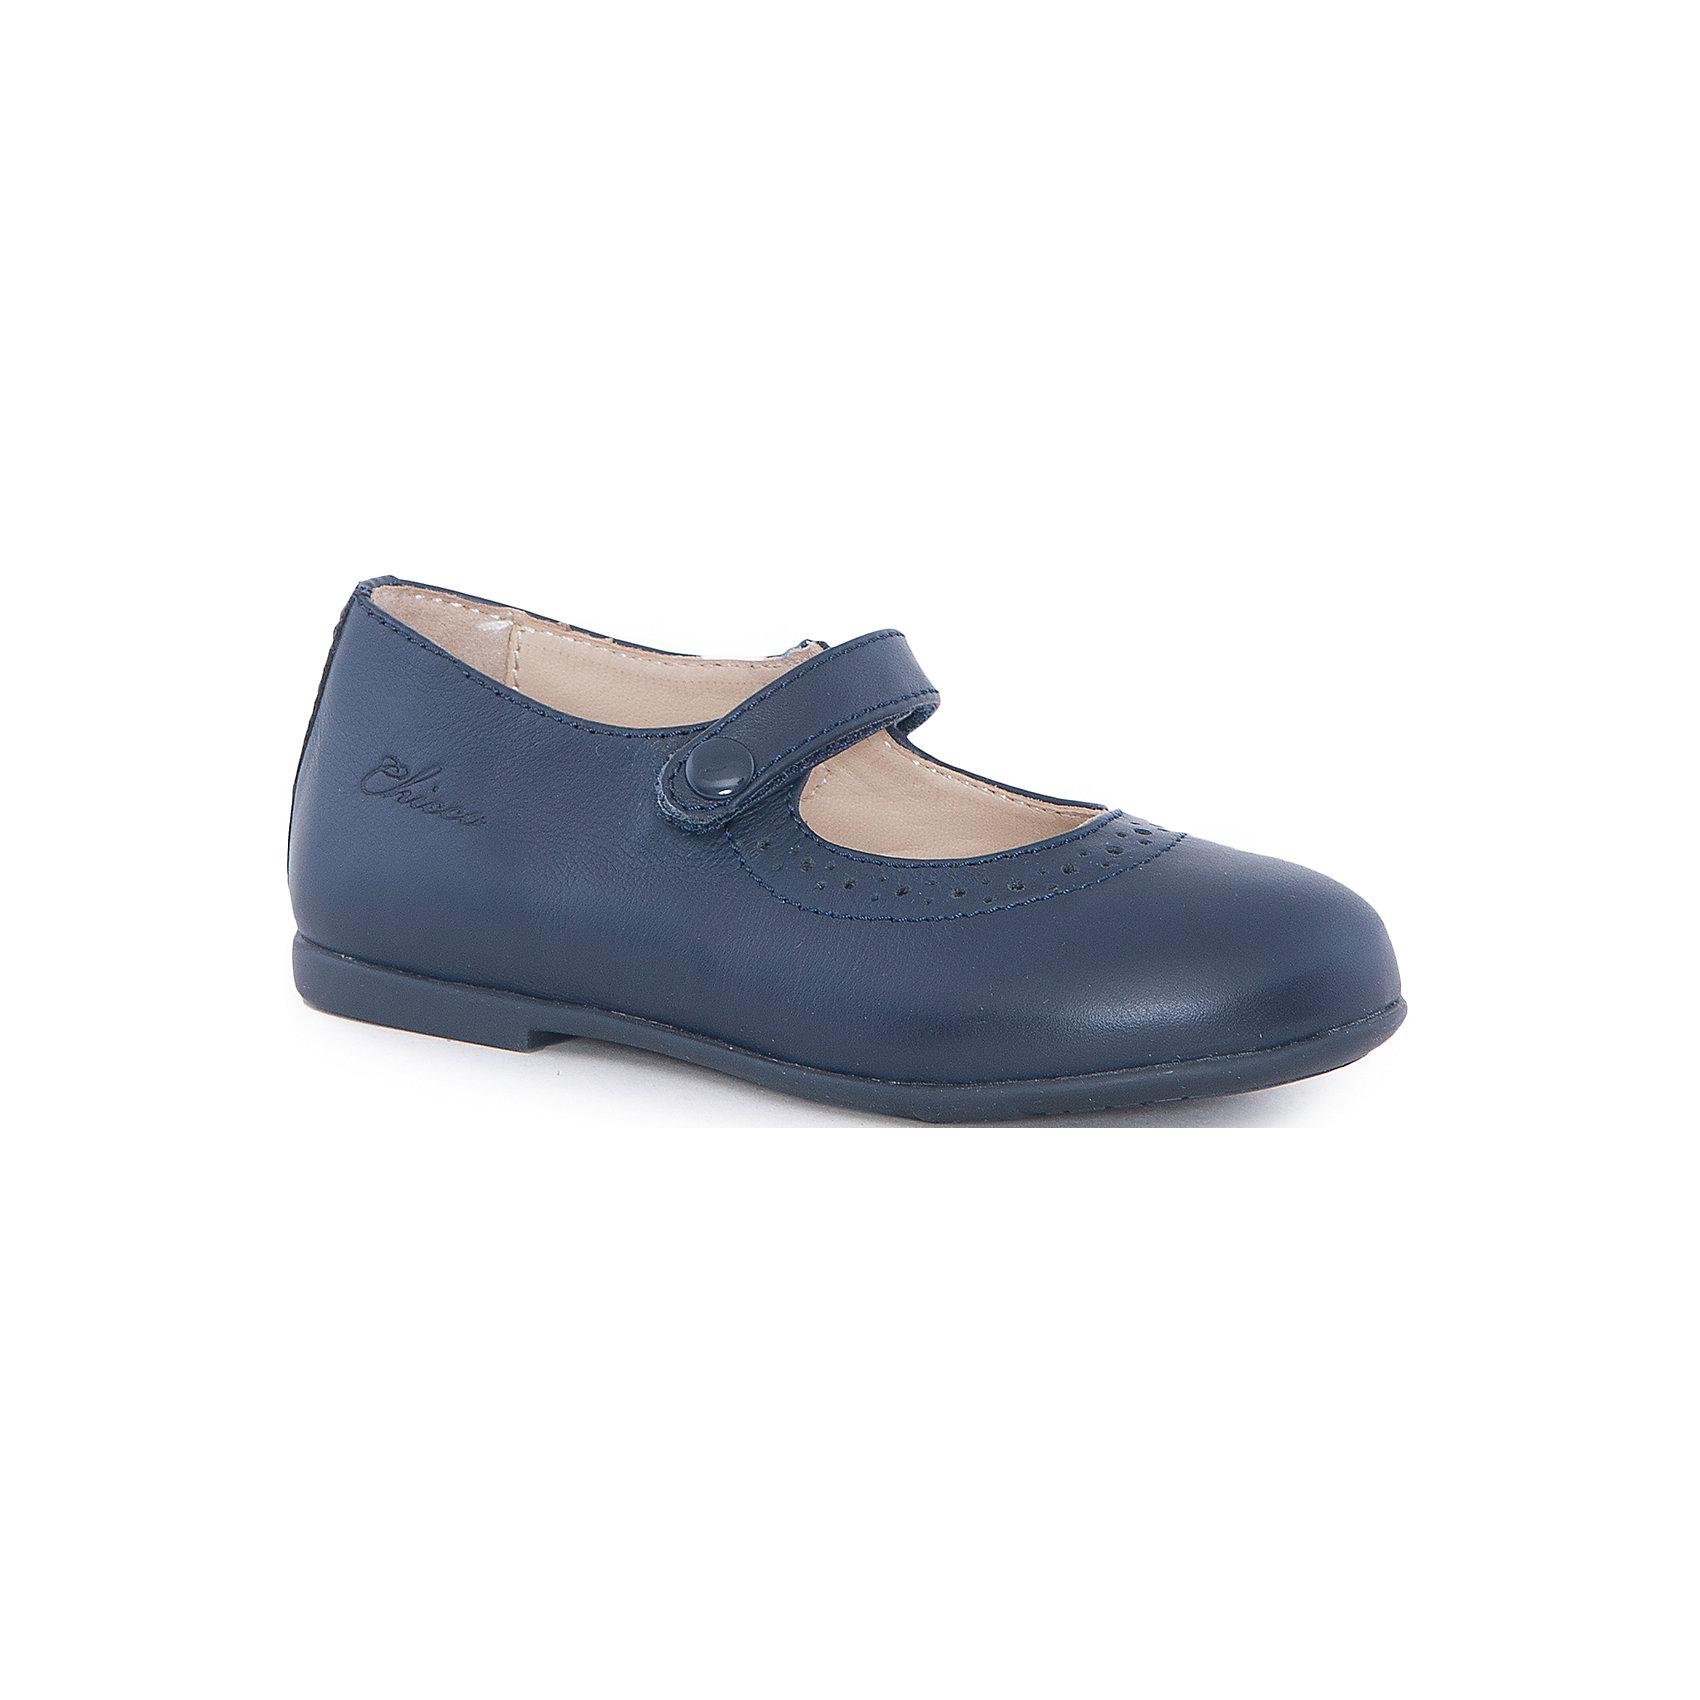 Туфли для девочки  CHICCOТуфли<br>Балетки для девочки CHICCO<br><br>Характеристики:<br><br>Тип застежки: на липучке<br>Тип обуви: школьные, на каждый день<br>Особенности обуви: маленький каблучок<br>Декоративные элементы: пуговица на застежке, имитация<br>Цвет: синий<br><br>Внешний материал: 100% кожа<br>Внутренний материал: 100% кожа<br><br>Балетки для девочки CHICCO можно купить в нашем интернет-магазине.<br><br>Ширина мм: 227<br>Глубина мм: 145<br>Высота мм: 124<br>Вес г: 325<br>Цвет: синий<br>Возраст от месяцев: 24<br>Возраст до месяцев: 36<br>Пол: Женский<br>Возраст: Детский<br>Размер: 26,25,27,28,29,30,31,32,33,34,22,23,24<br>SKU: 5082793